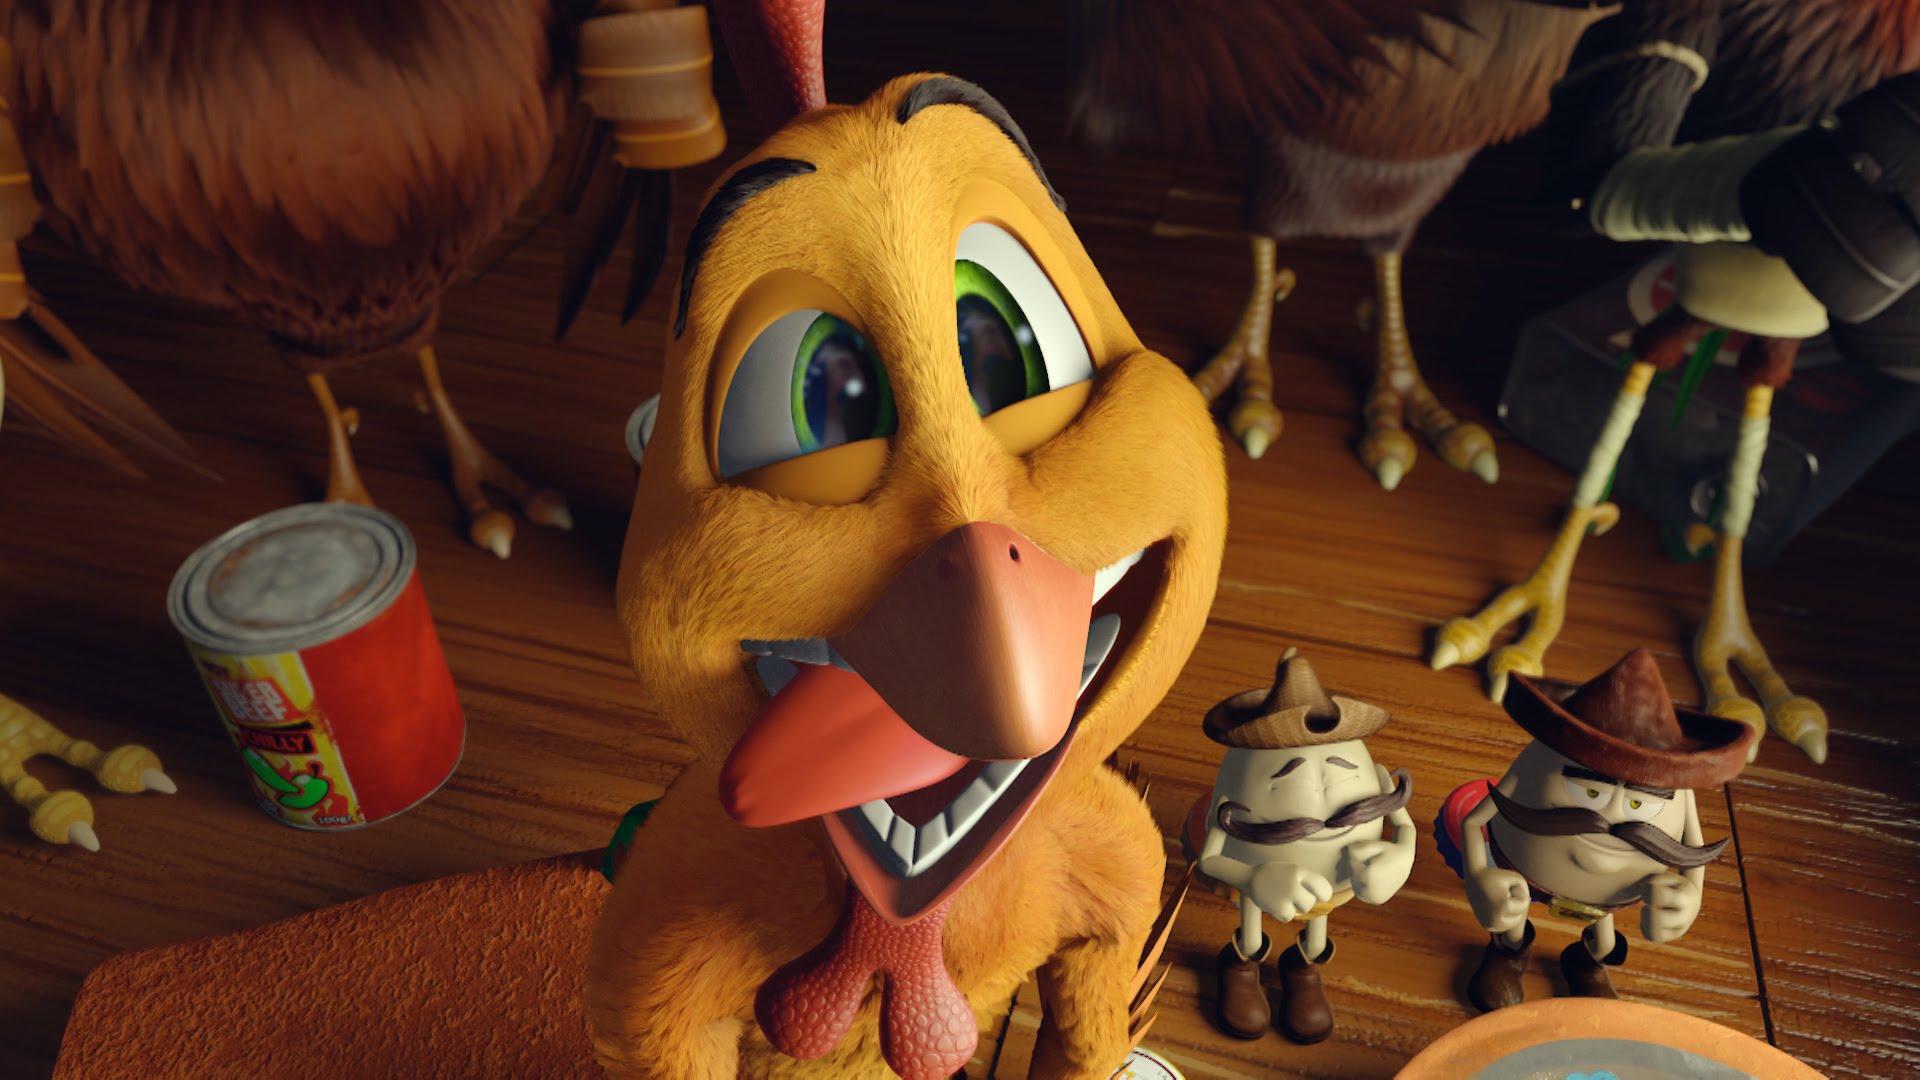 Mexican Animated Film Makes the U.S. Box Office Top 10, 'Un gallo con ...